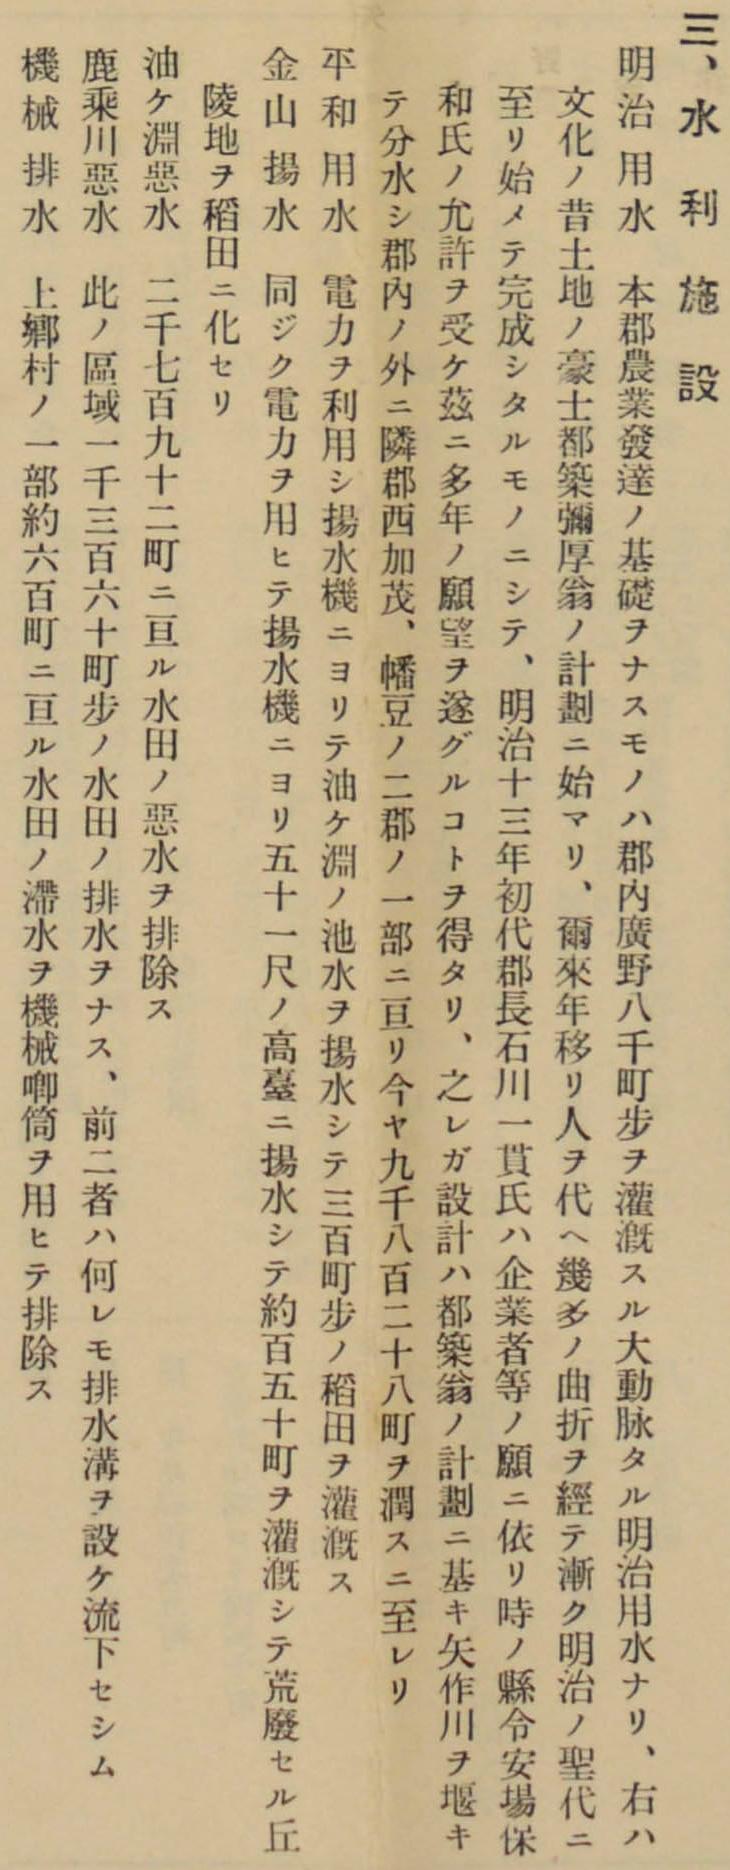 3.水利施設 730-1870